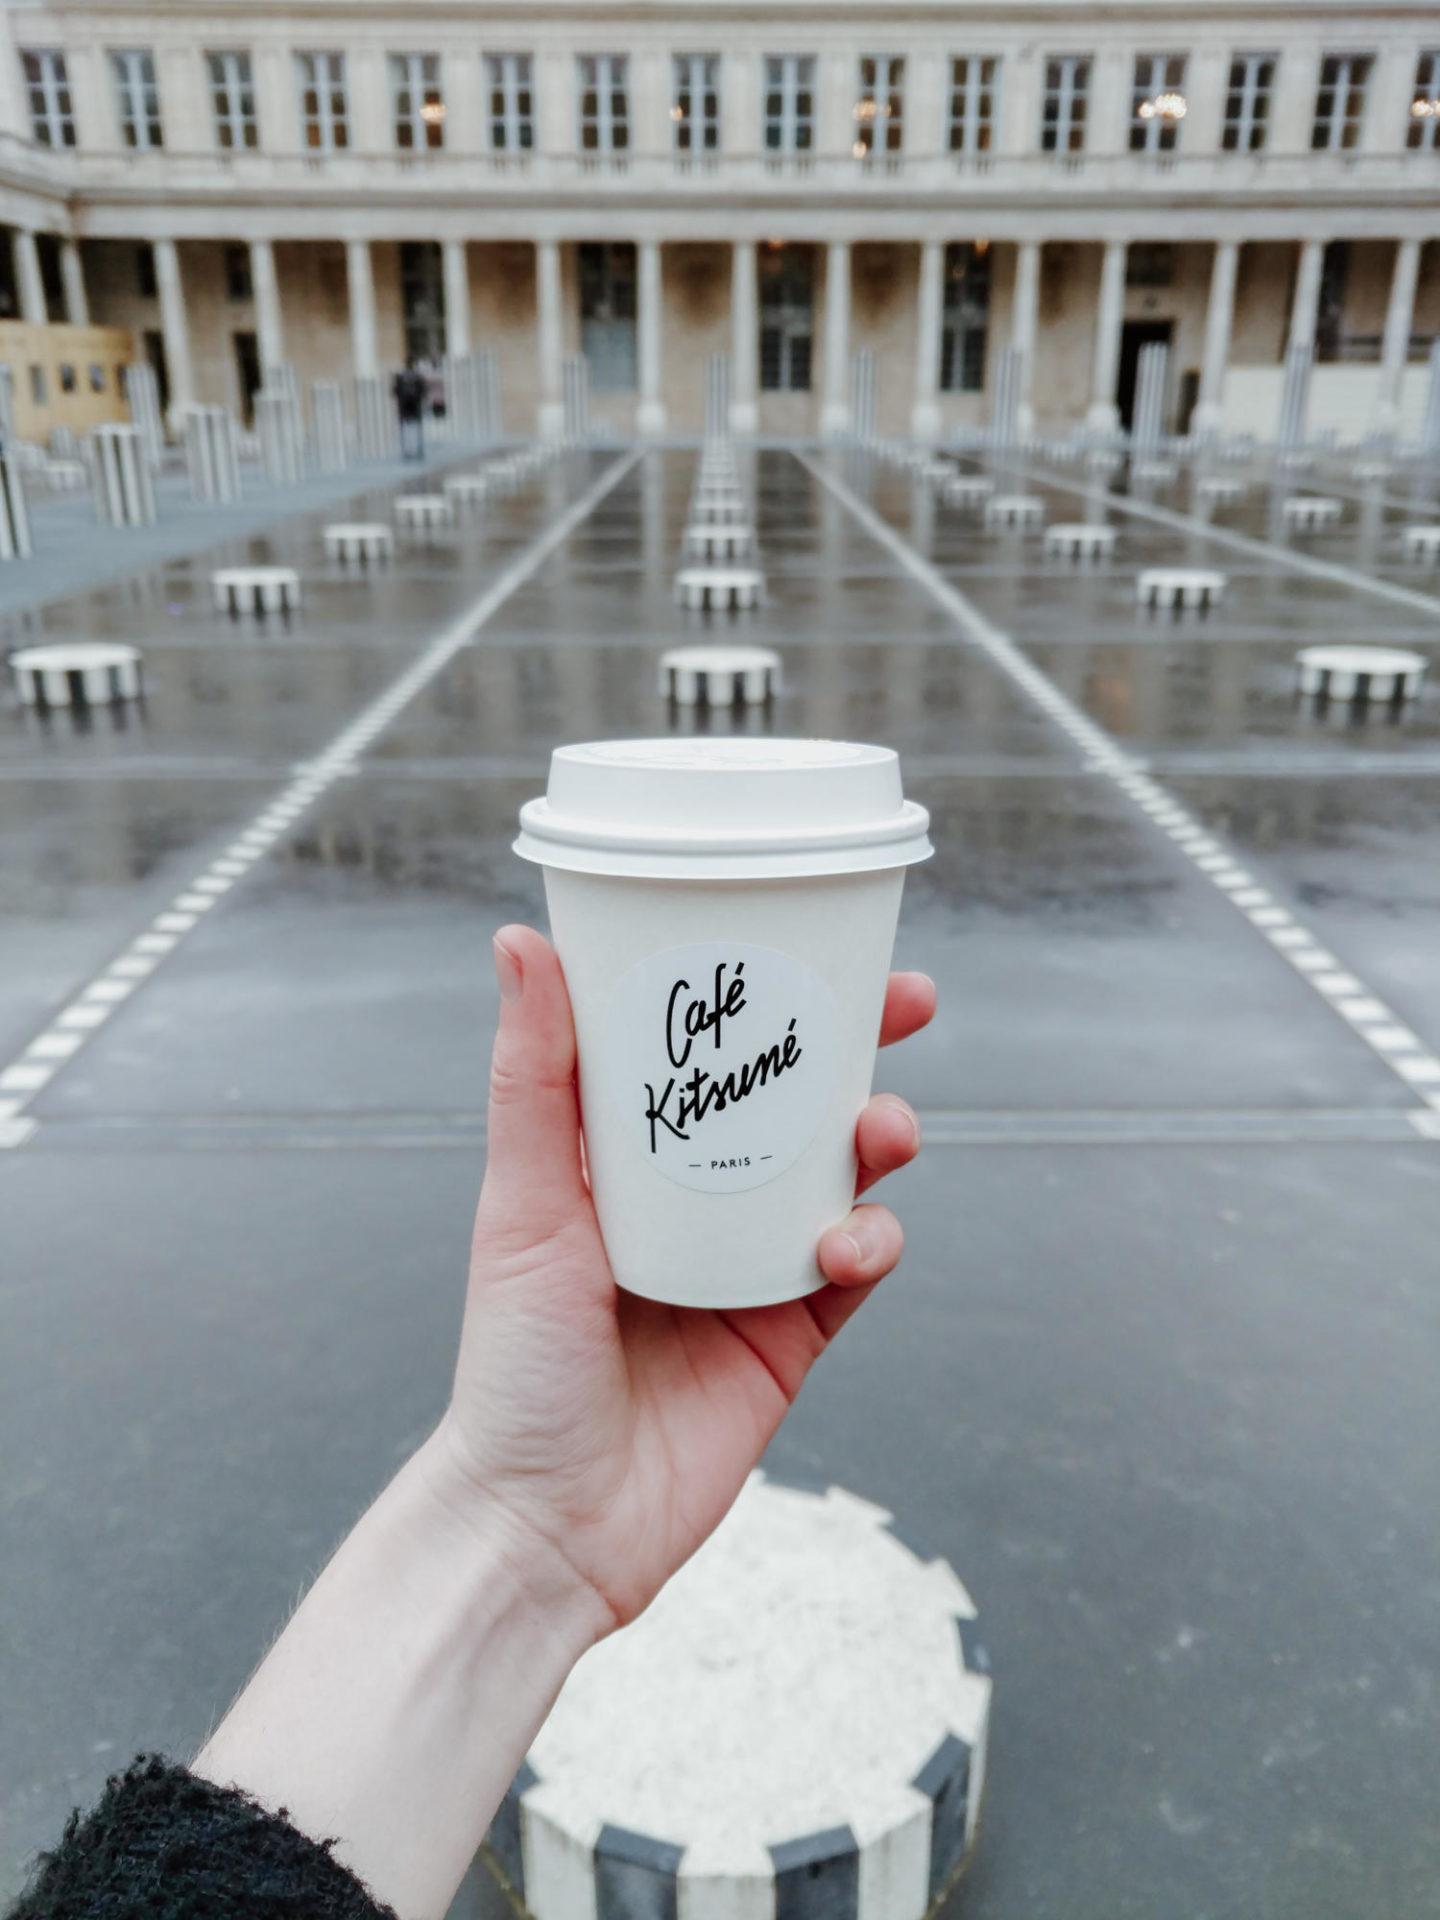 Café Kitsuné and Les Deux Plateaux Colonnes de Buren at Palais Royal in Paris